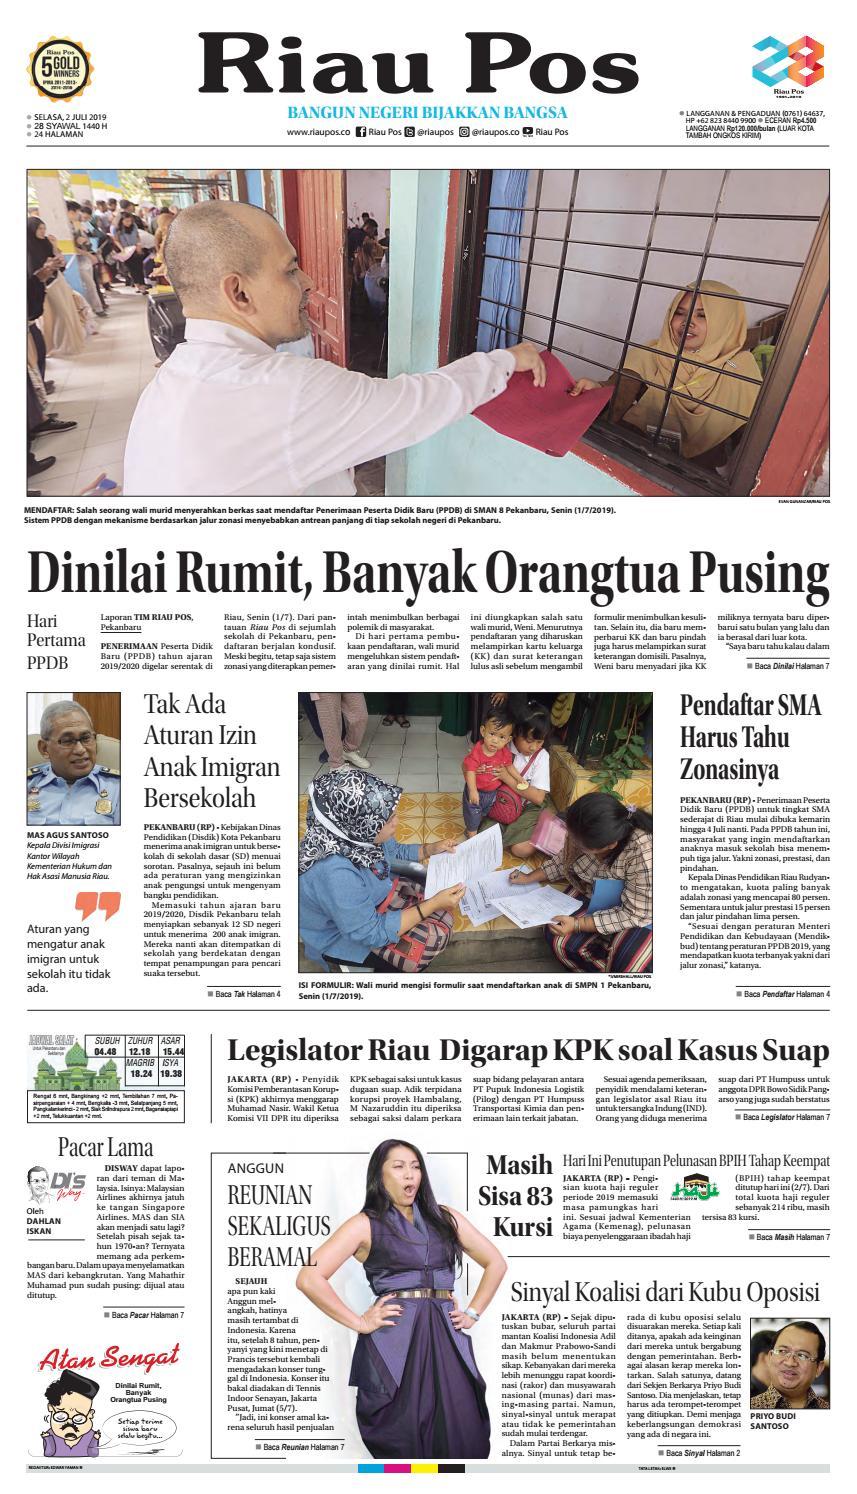 Riau Pos Edisi Selasa 02 Juli 2019 by Riau Pos issuu